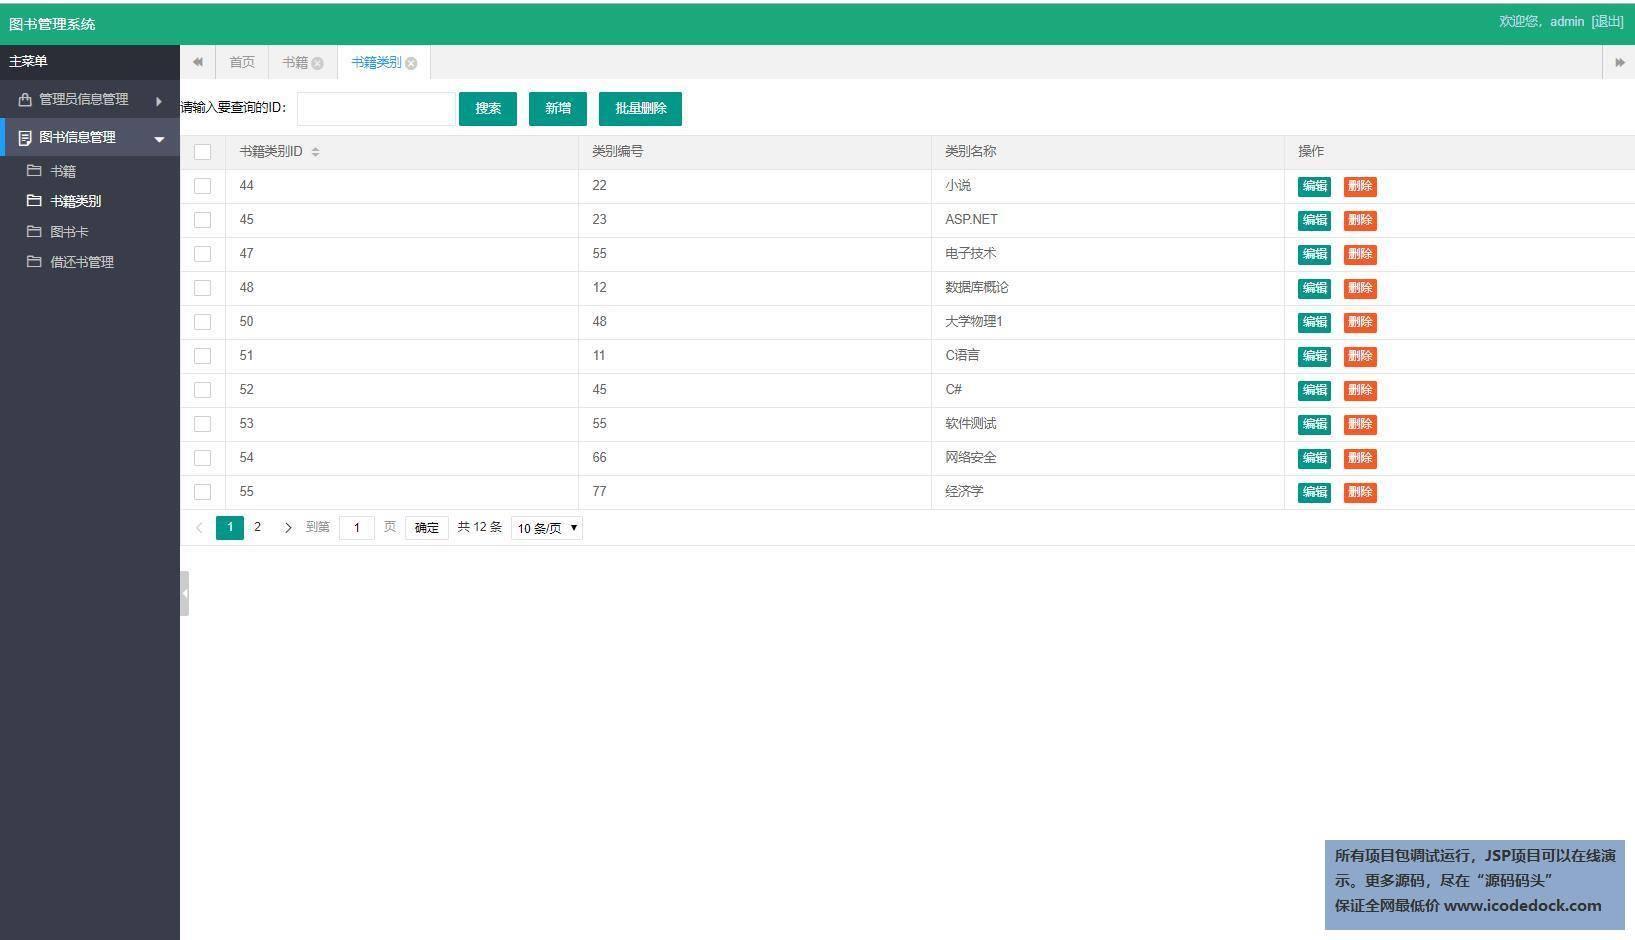 源码码头-JSP图书管理系统美化版-管理员角色-图书类别管理